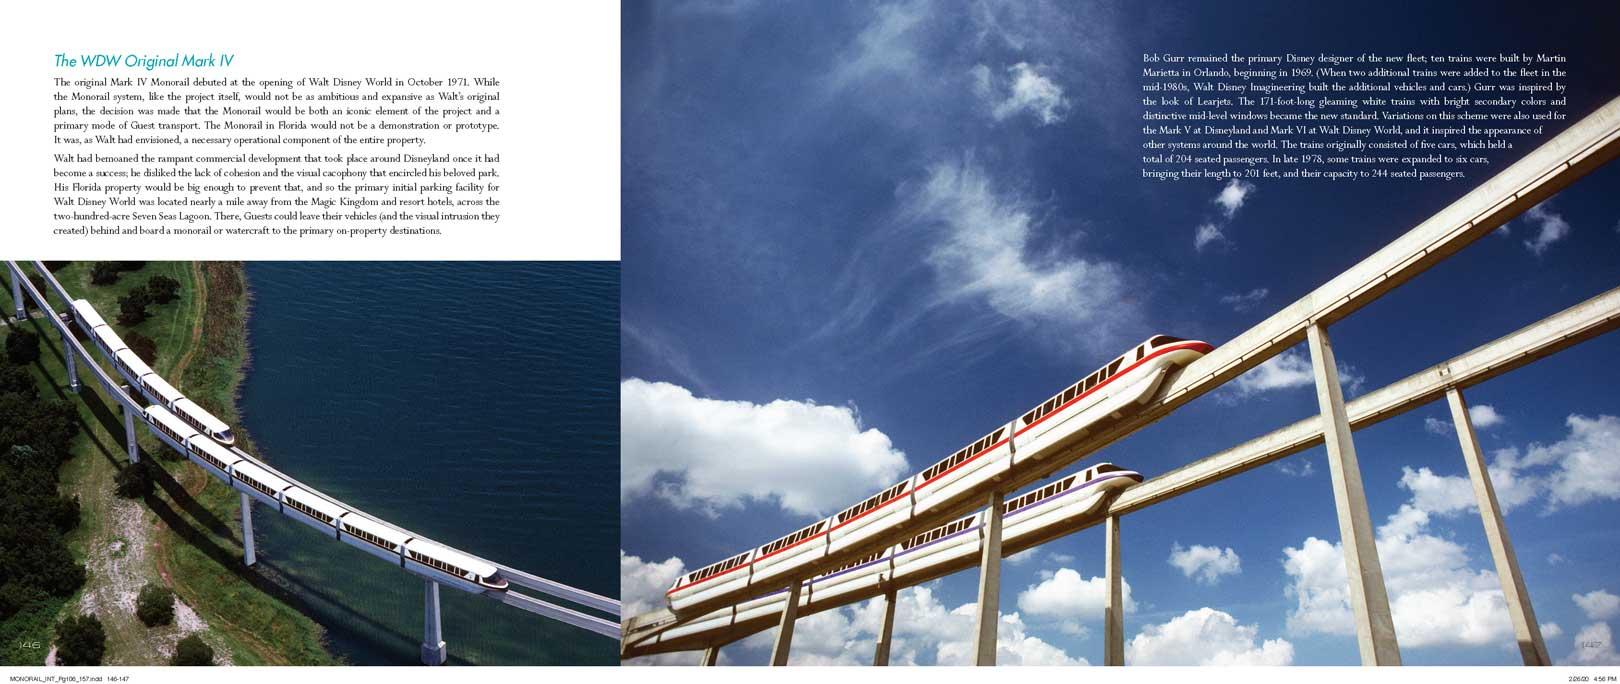 The Disney Monorail Book Spread